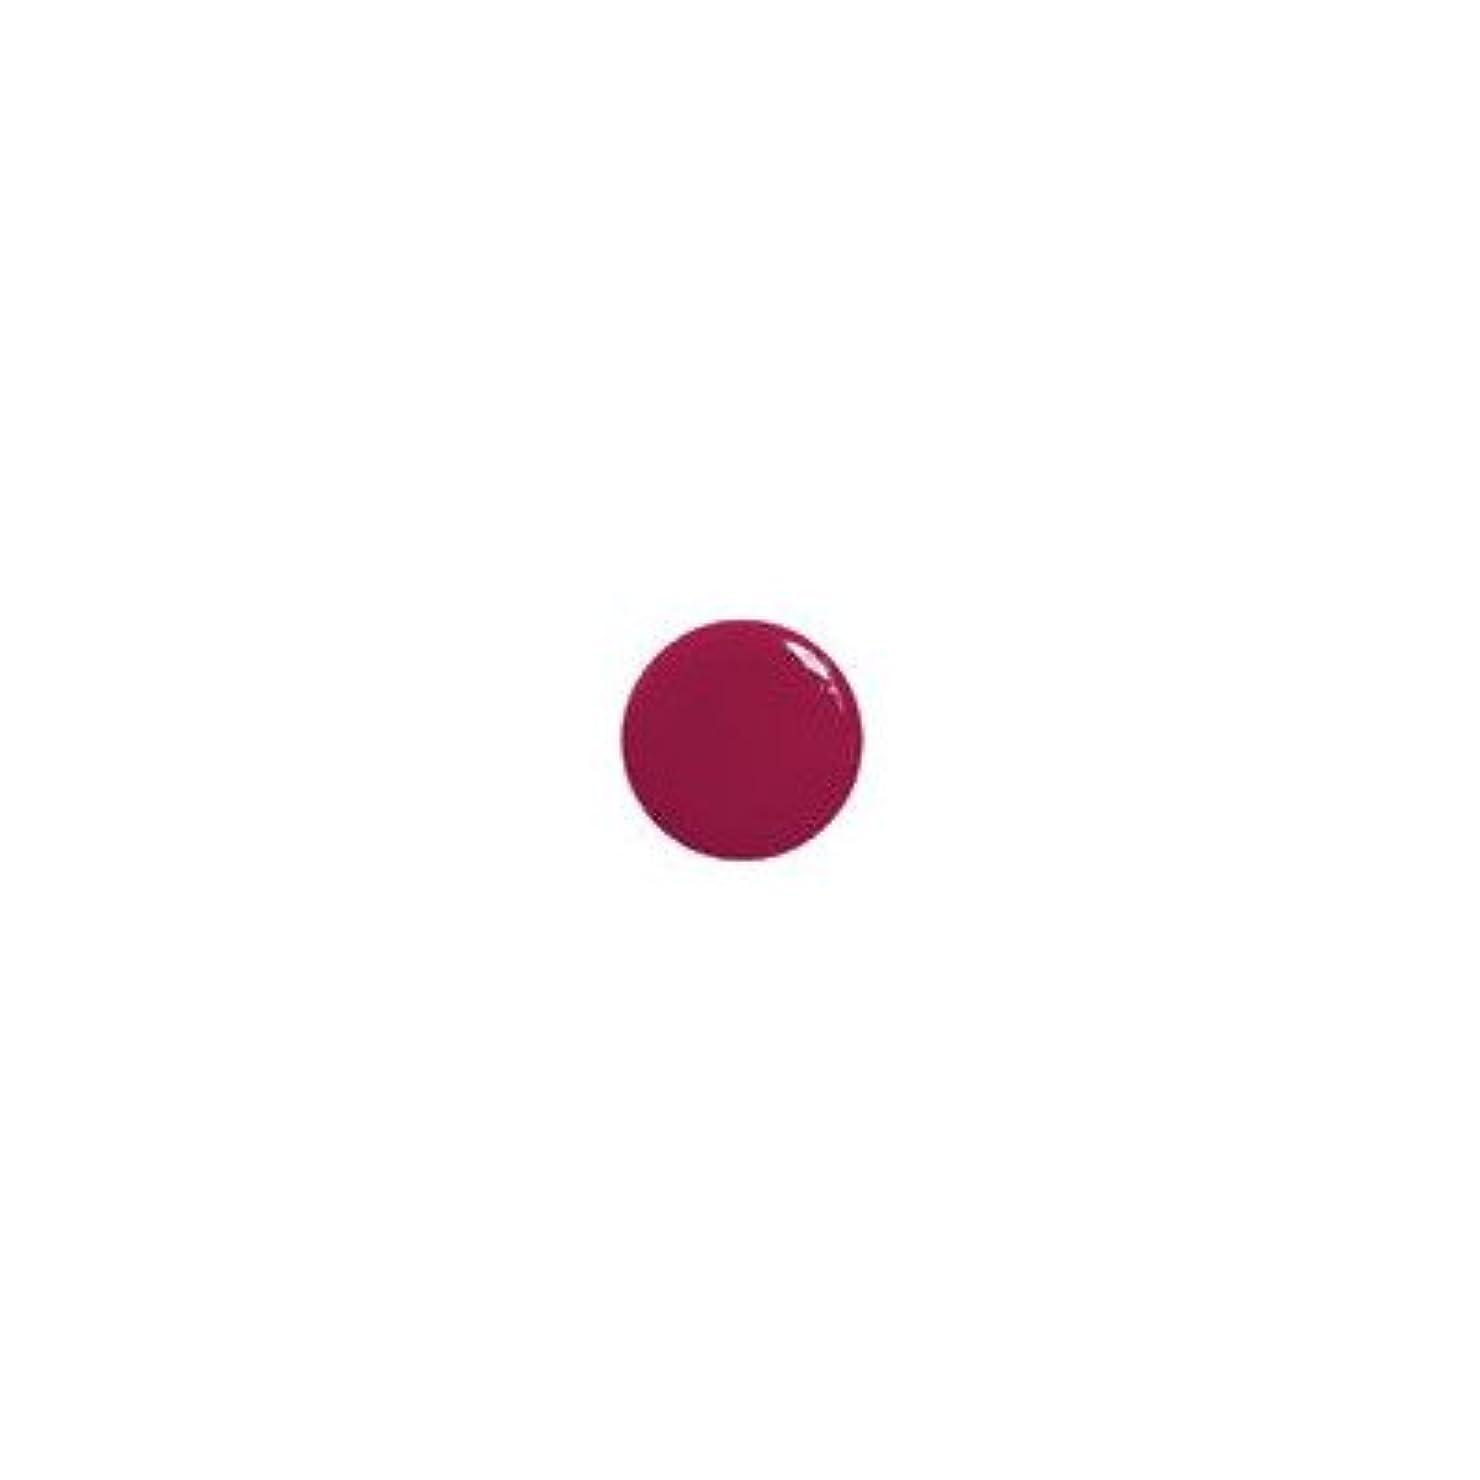 ウィスキー機転モットージェレレーション カラー485Cブラシングプリンセス